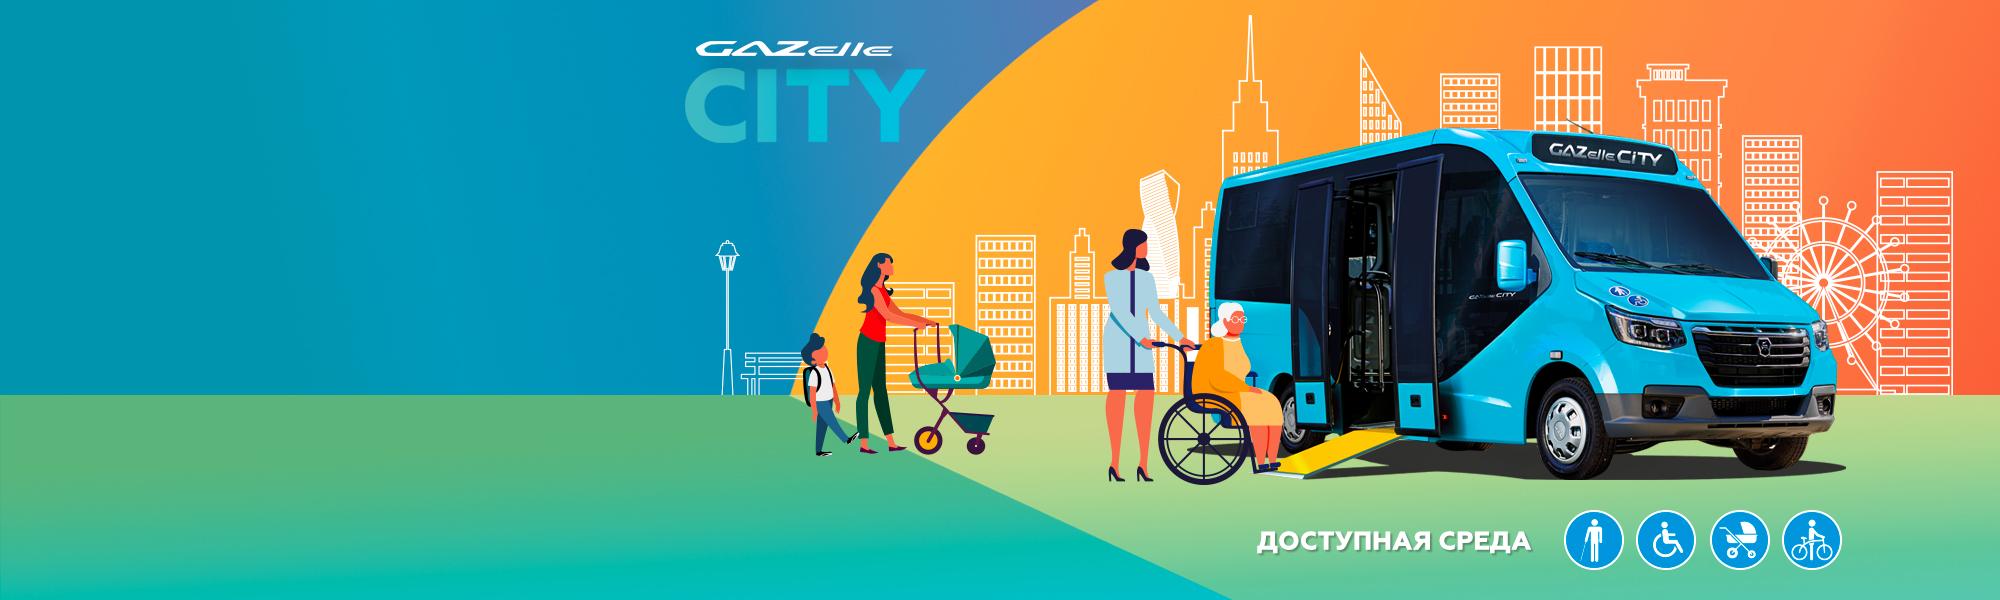 Спецпредложение Новый низкопольный автобус ГАЗЕЛЬ CITY. Десктопное изображение